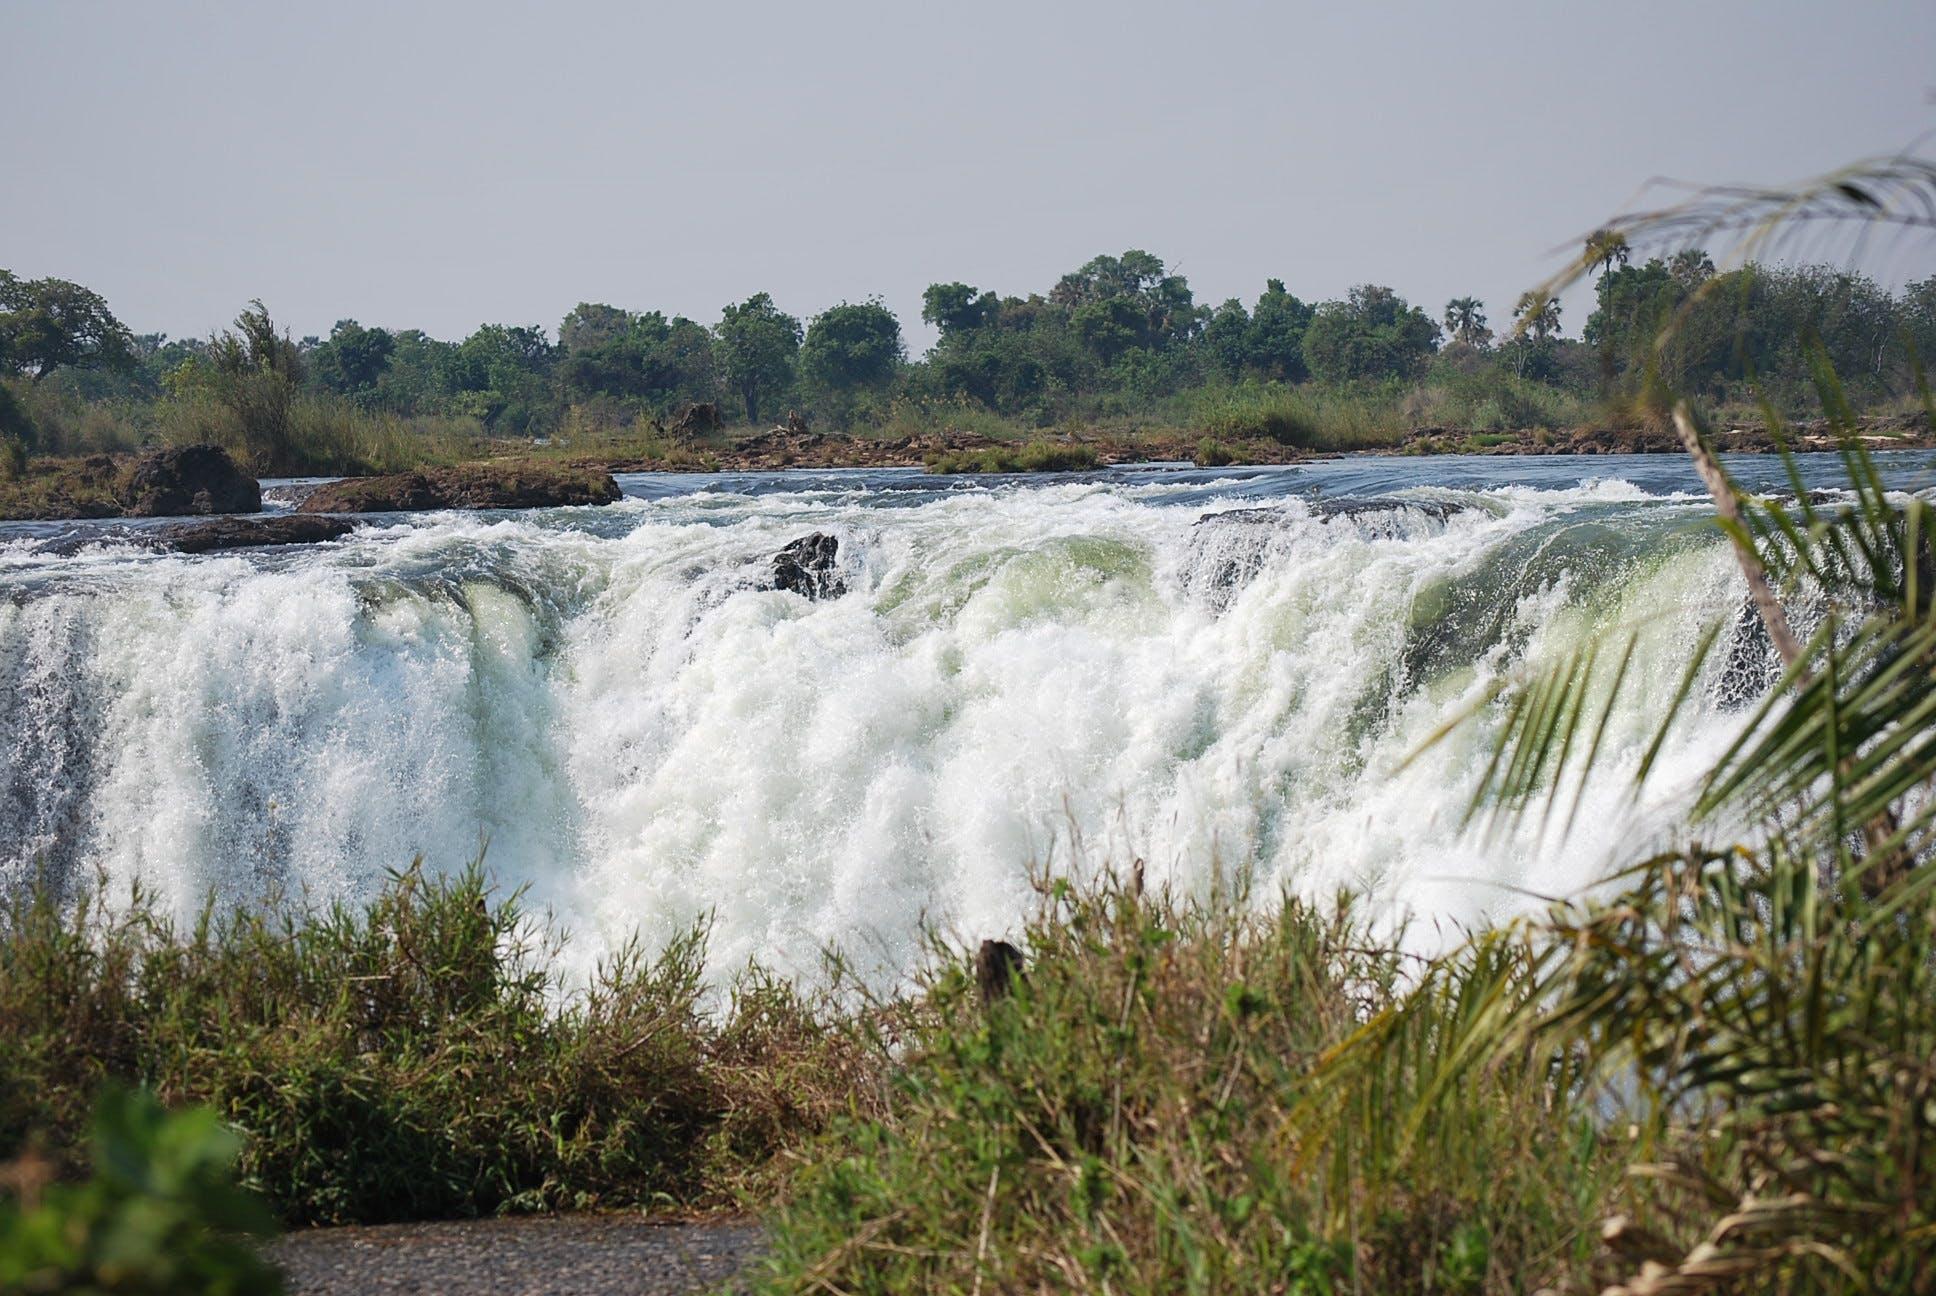 Gratis lagerfoto af mosi-oa-tunya, vandfald, vic falls, victoria falls